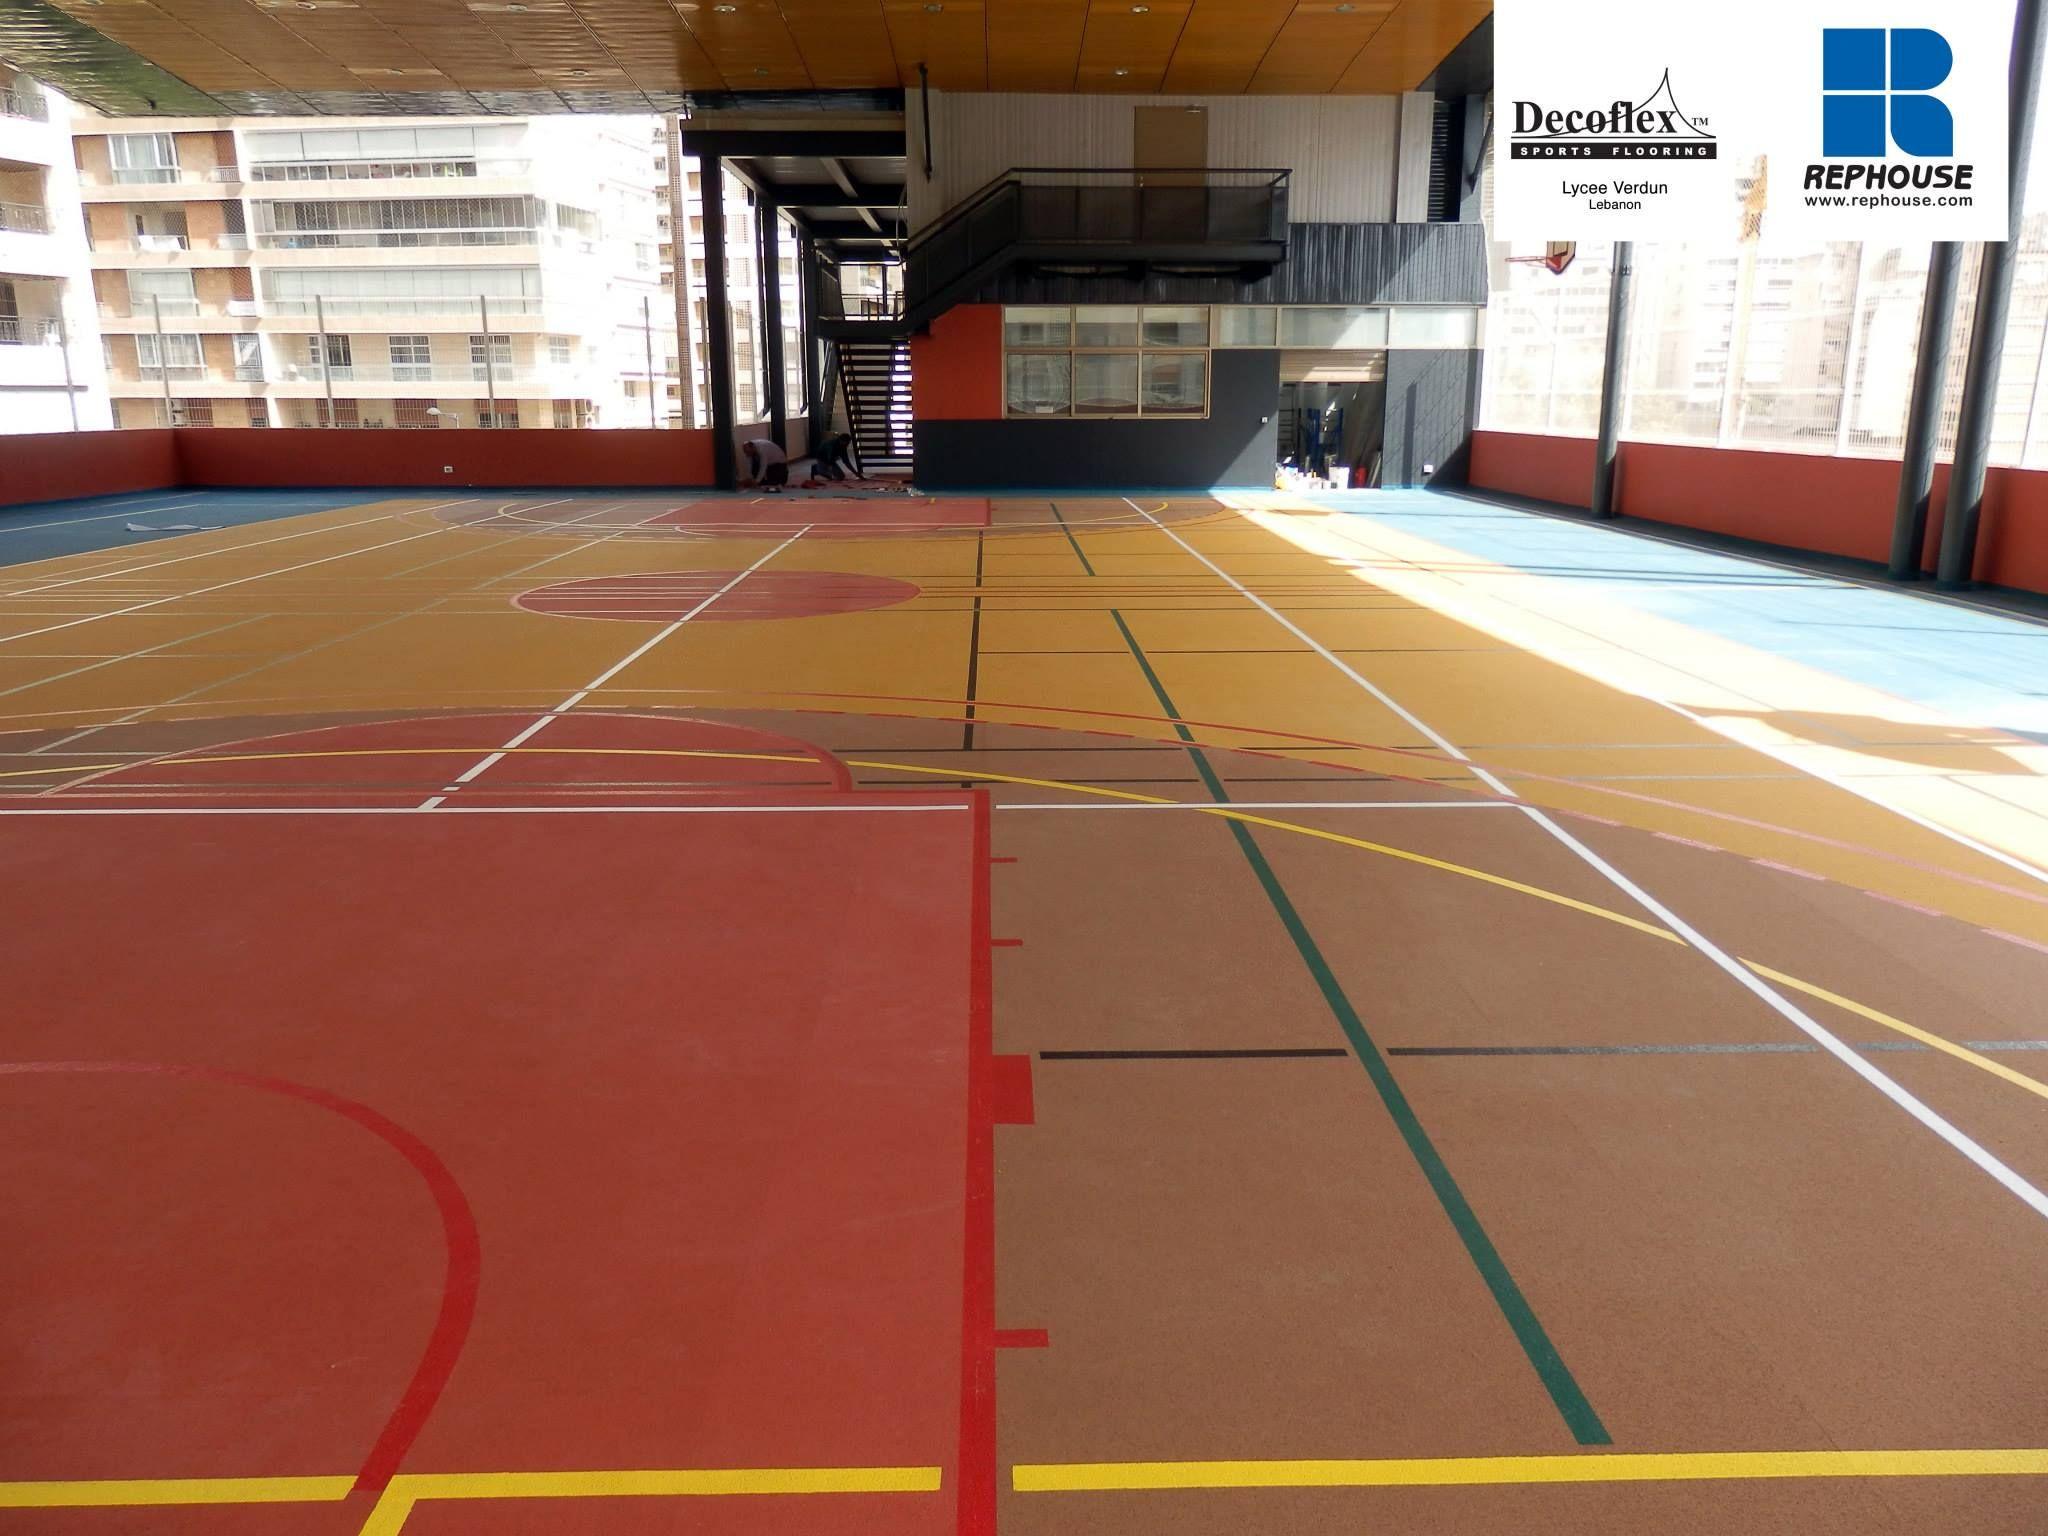 Decoflex D Outdoor Rubber Sports Flooring Lyce Verdun Lebanon